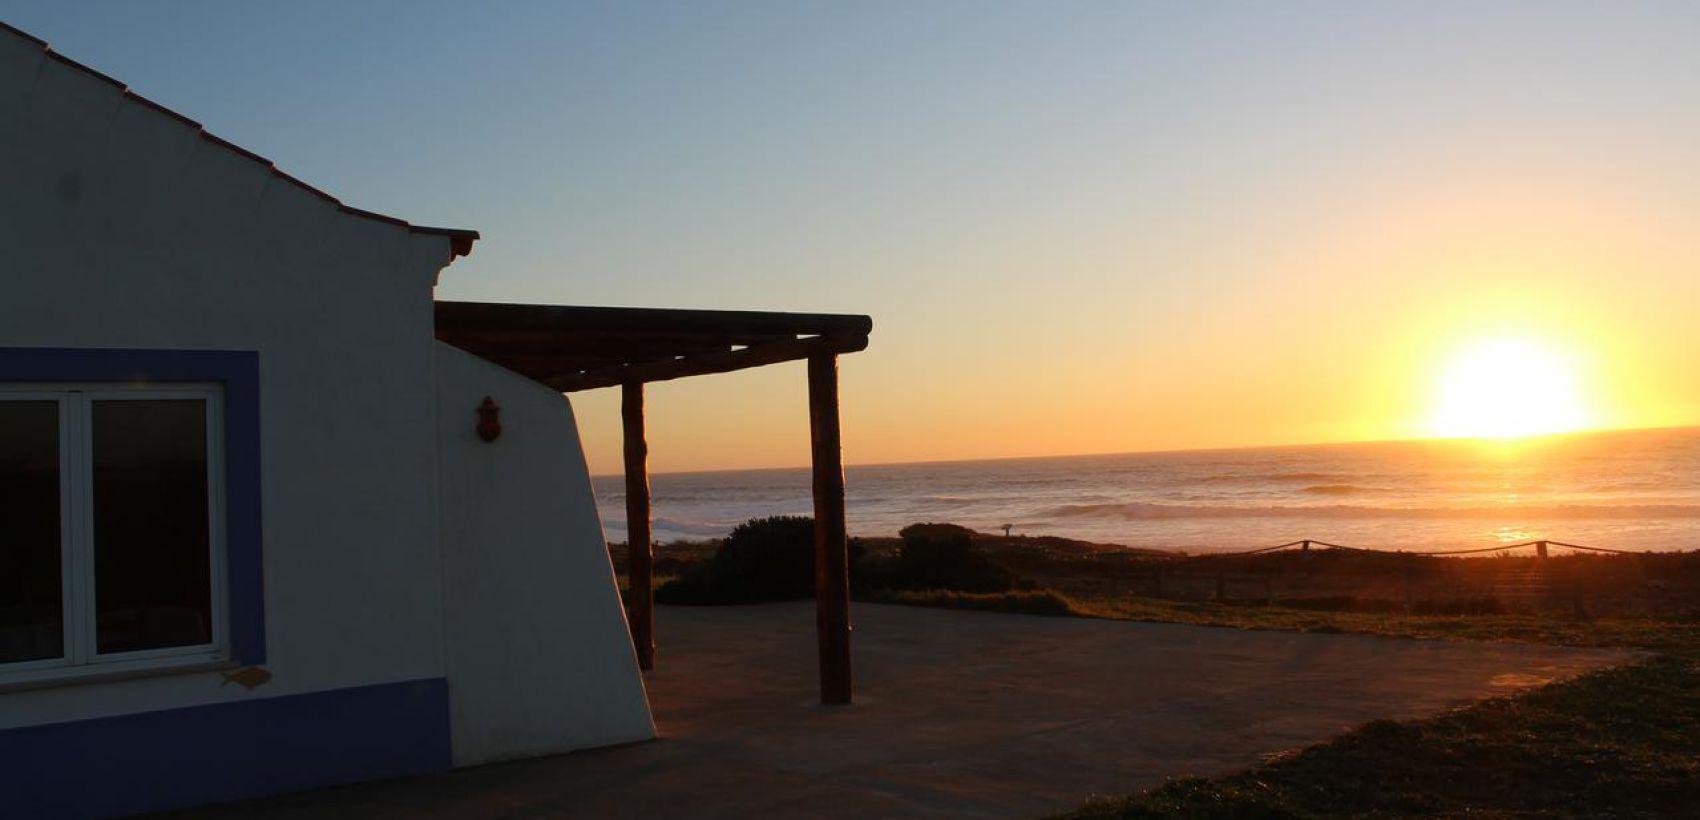 Verão: Refúgio da Praia - Seaside & Nature (5 noites)